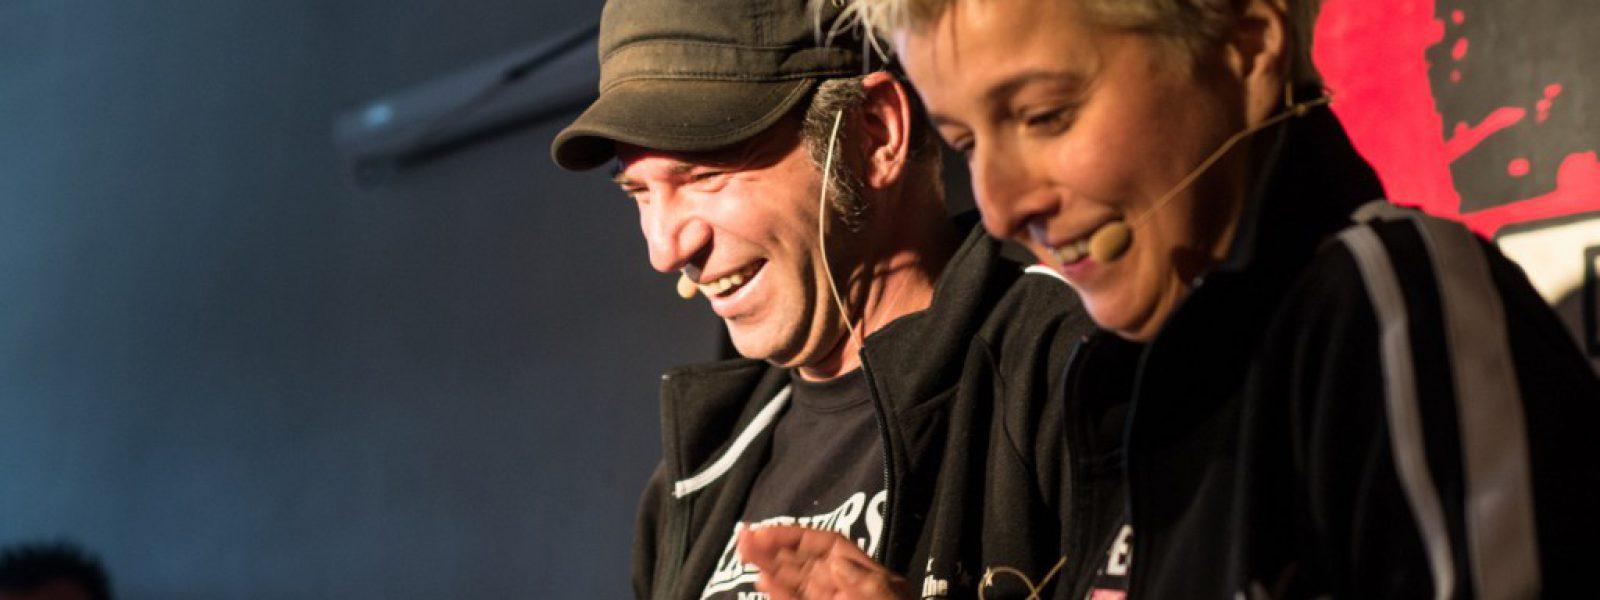 Finale der Millerntor-Ausstellung: Kino und Punkrock-Kochstudio in der Gegengerade